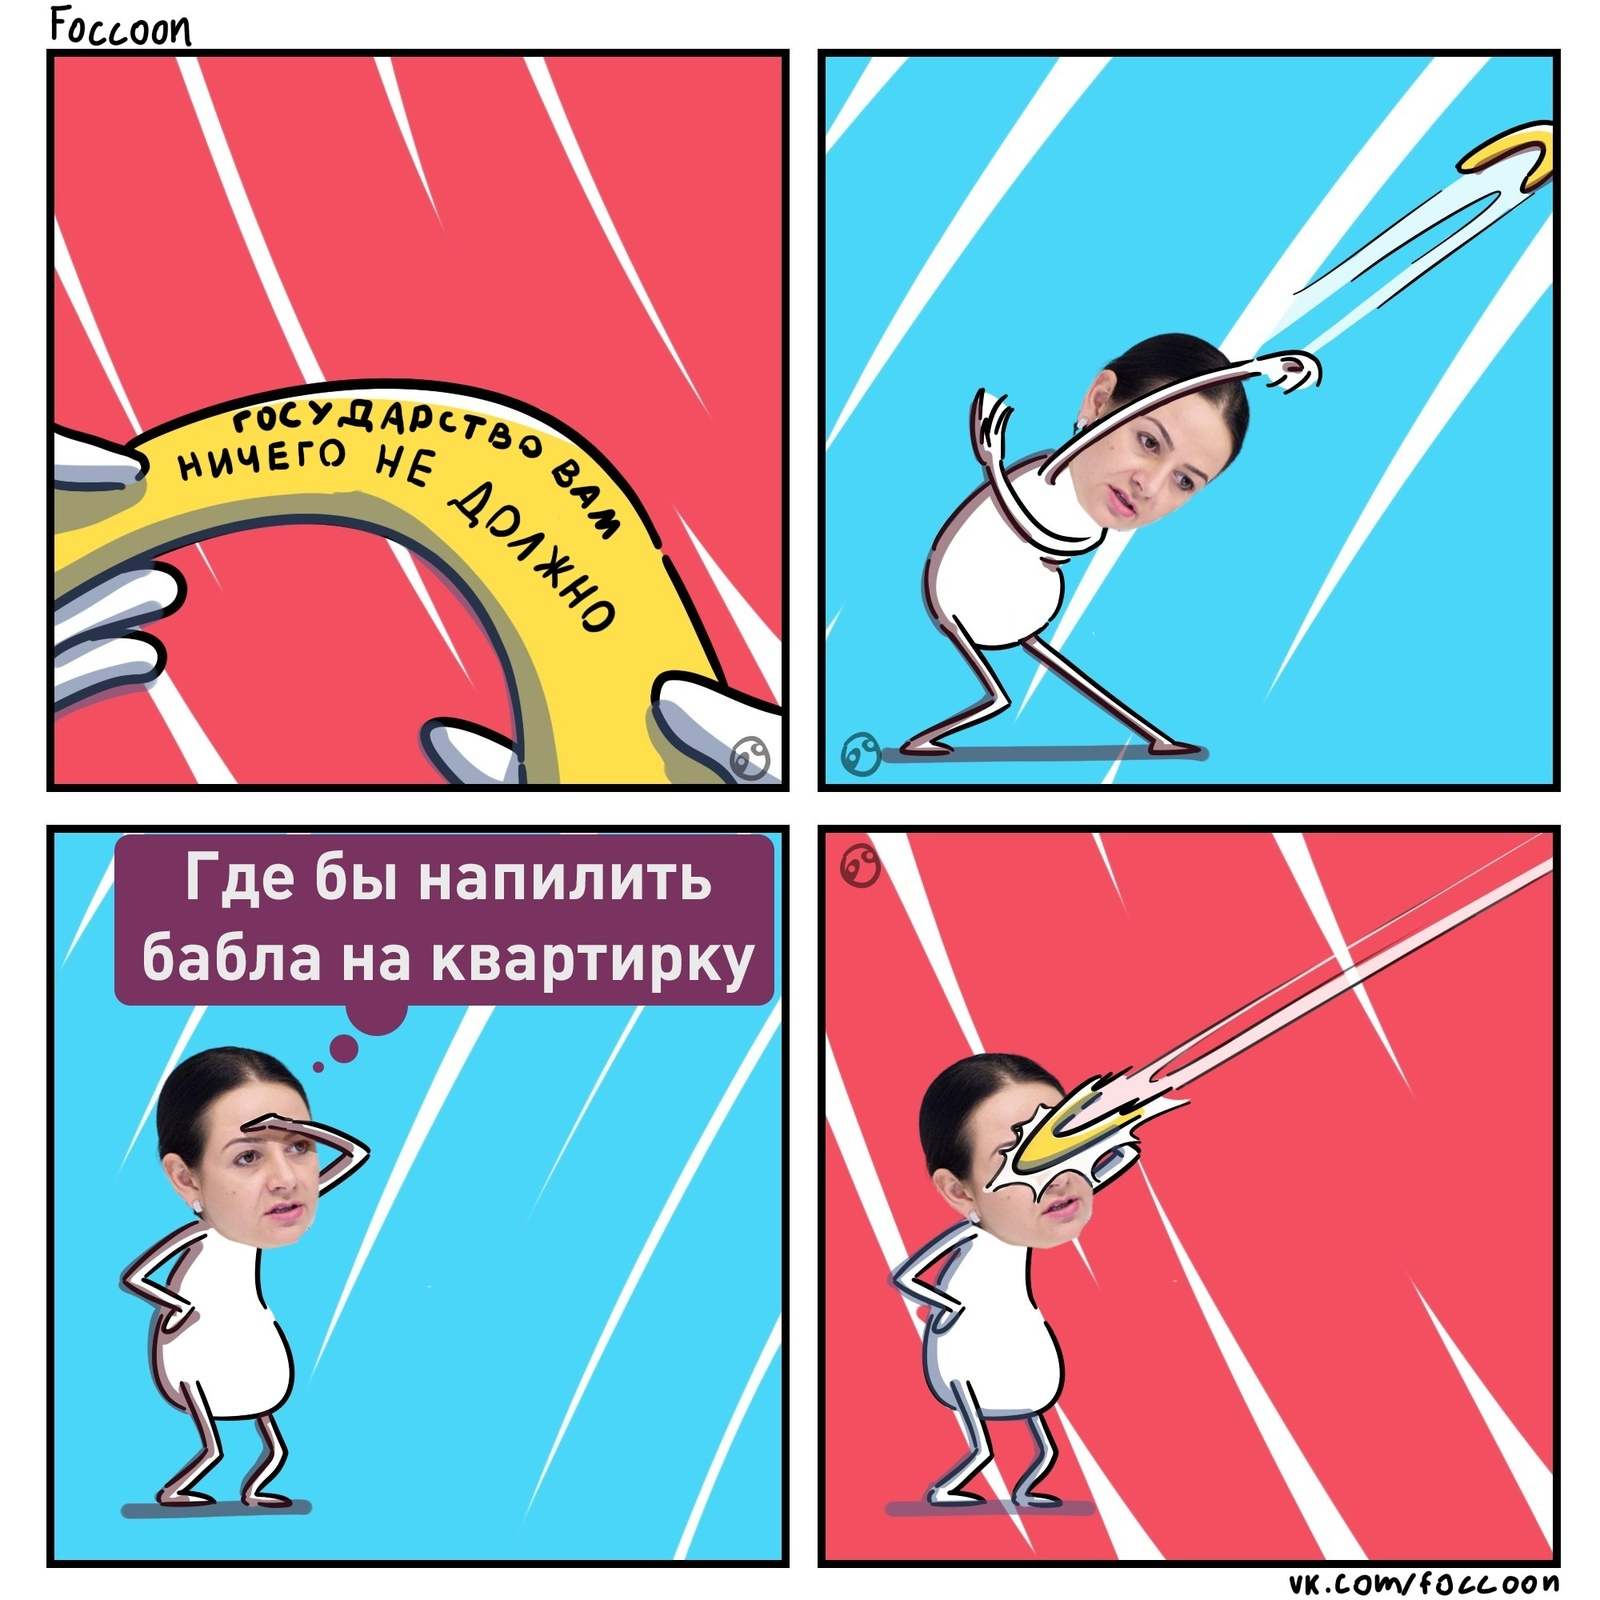 Чиновнице Ольге Глацких, которая заявляла, что «государство вам ничего не должно», отказали в субсидии на квартиру после резонанса в СМИ